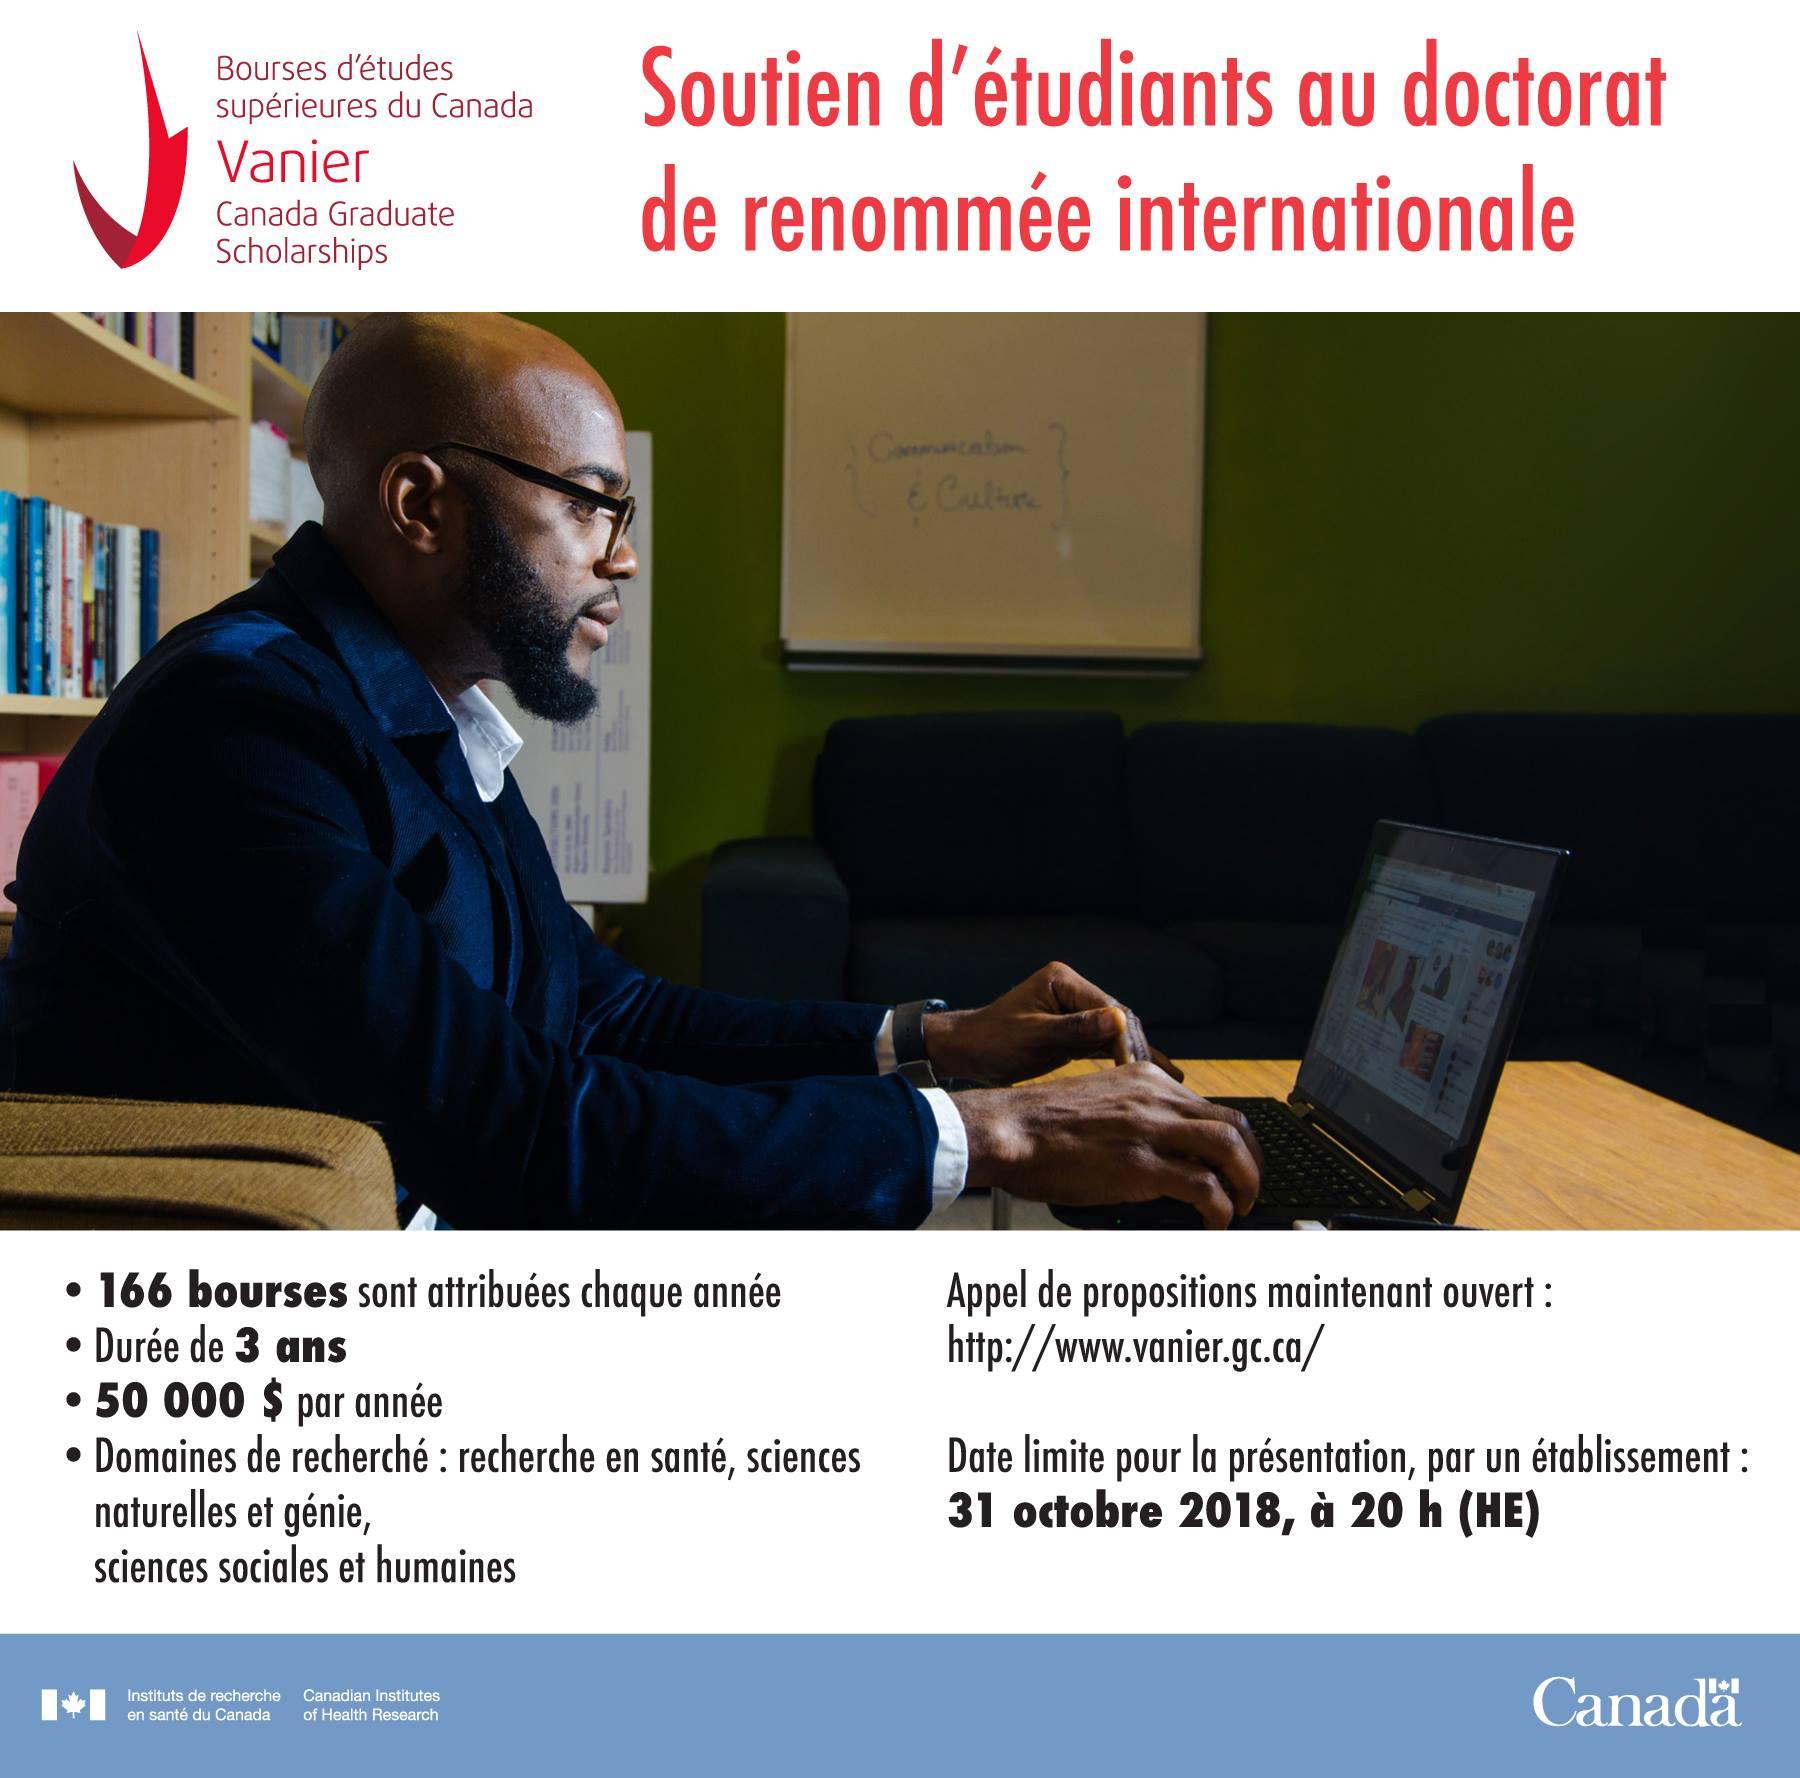 Bourses d'études supérieures du Canada Vanier 2018